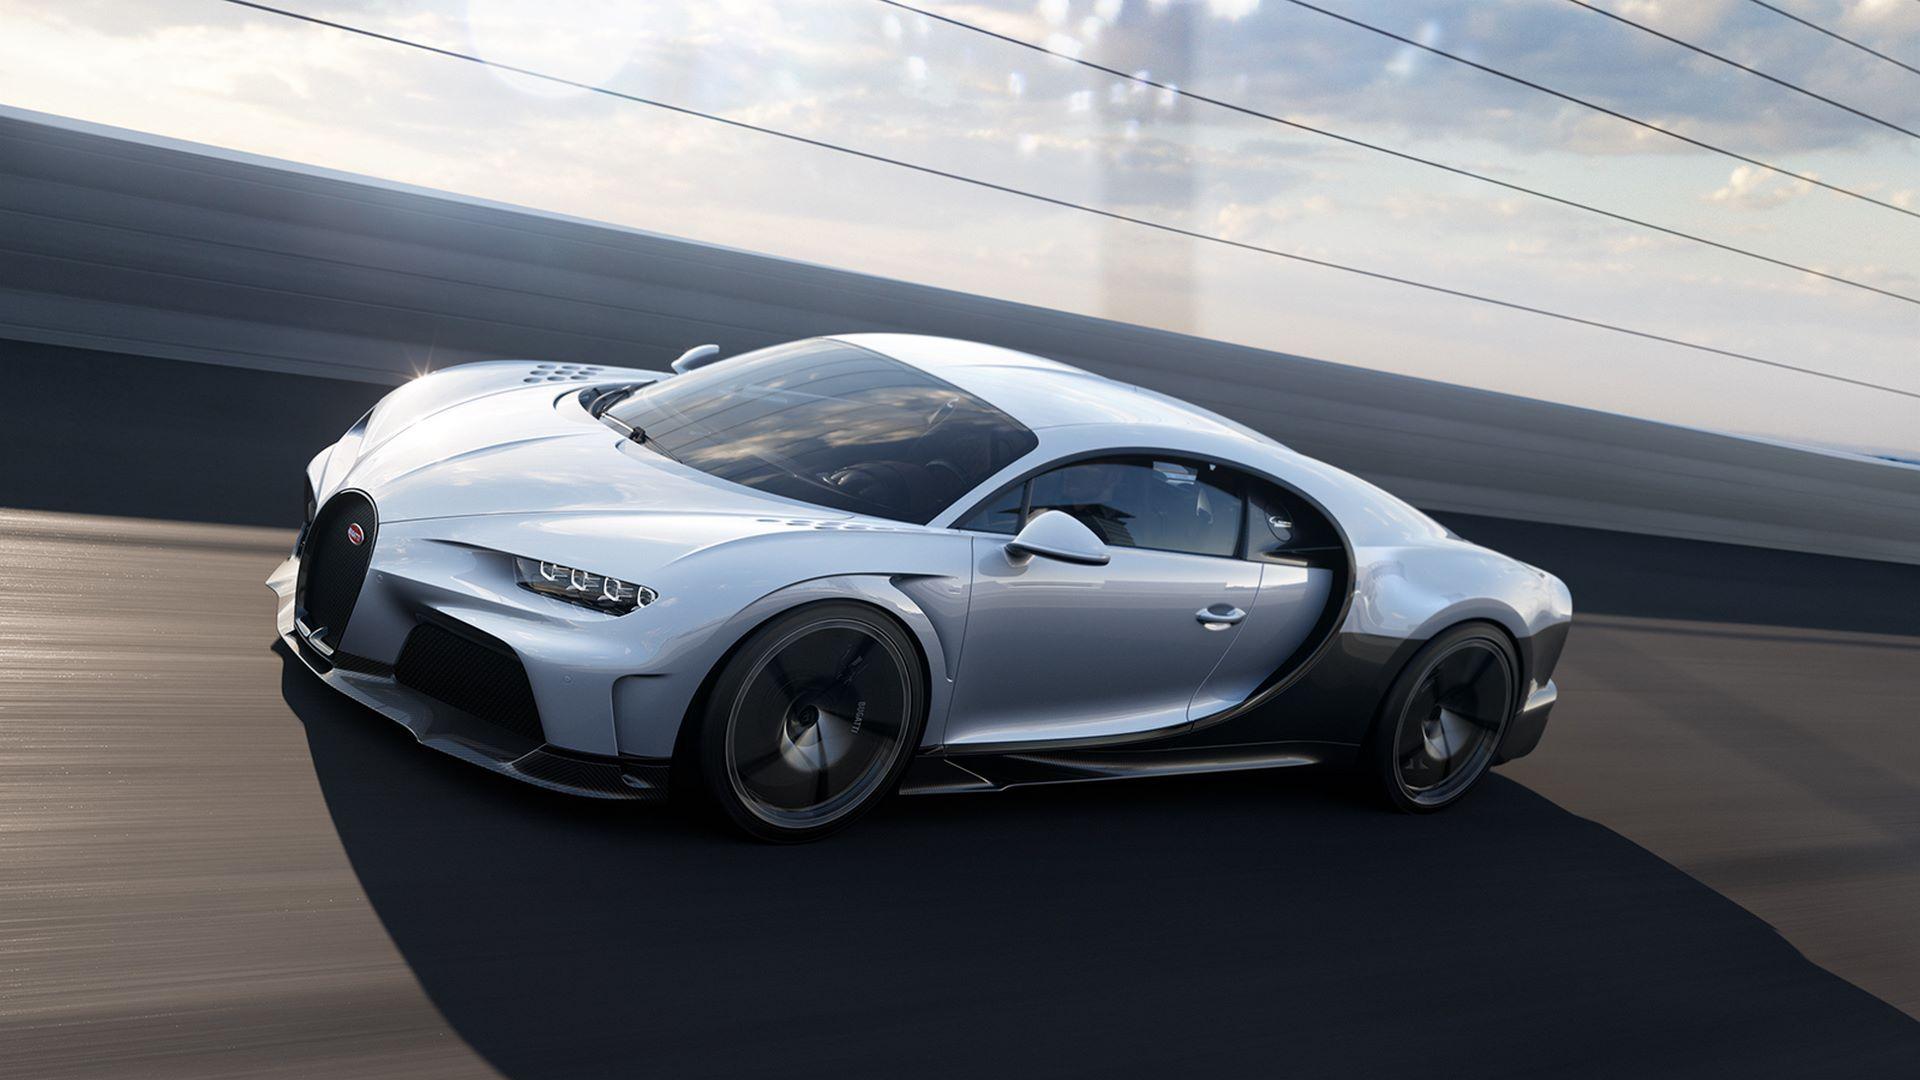 02_04_bugatti_chiron_super_sport_high_speed_front